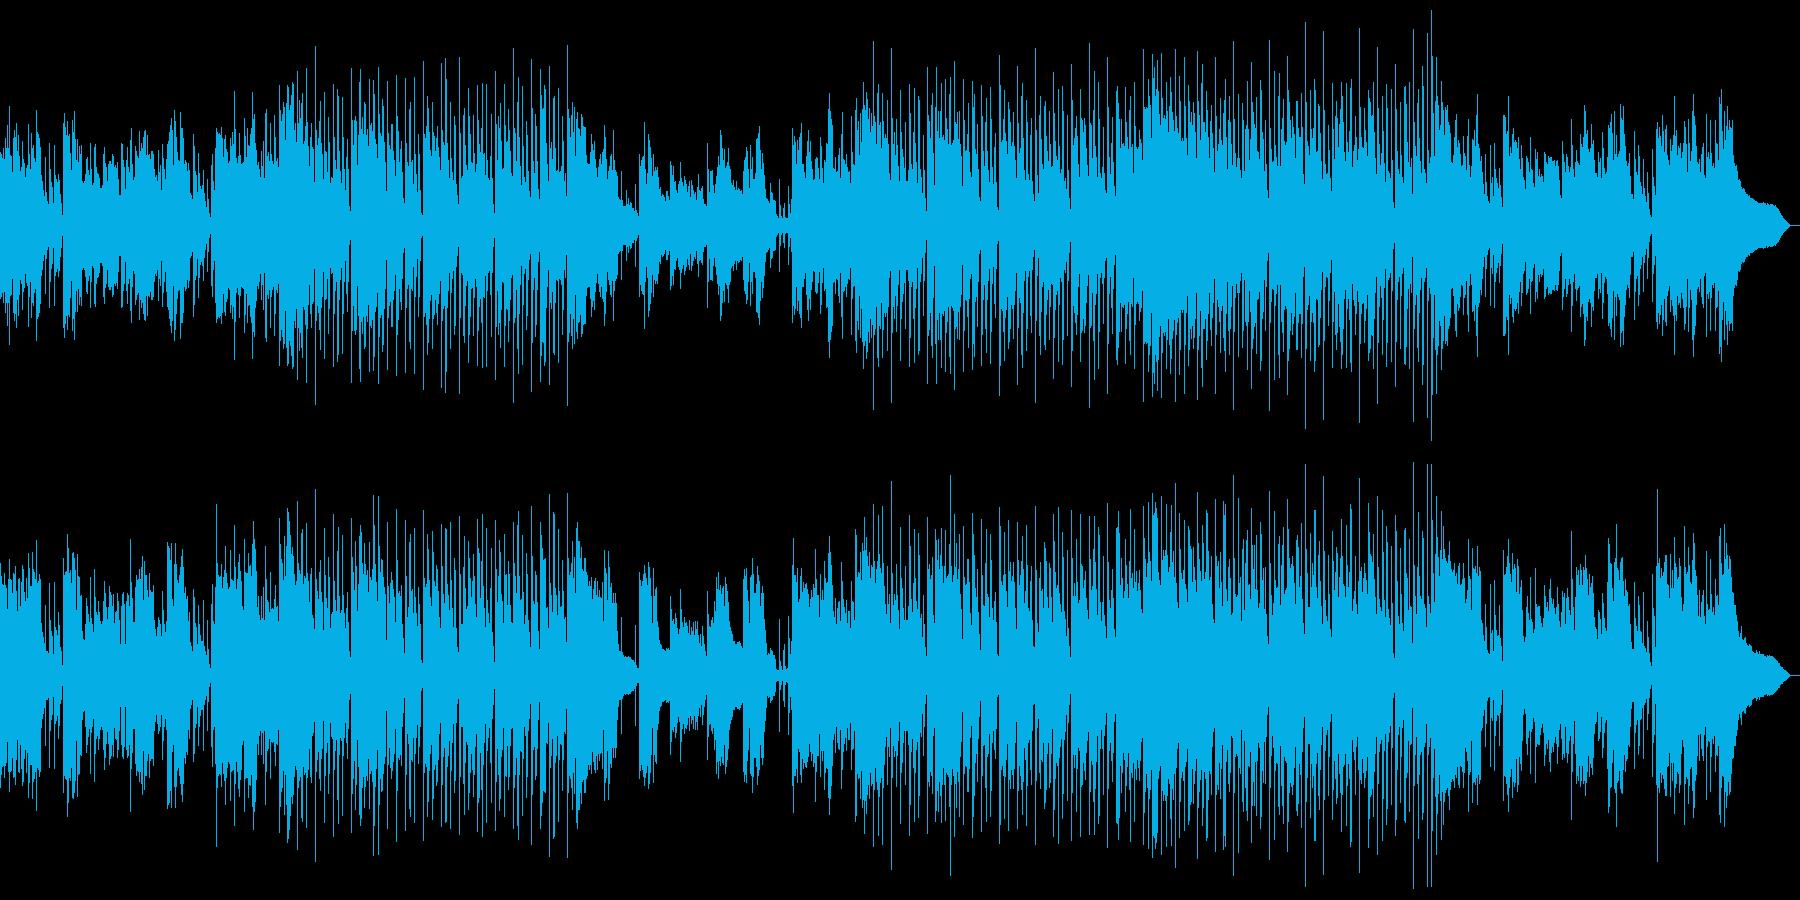 おしゃれでさわやかな企業VP用ジャズの再生済みの波形